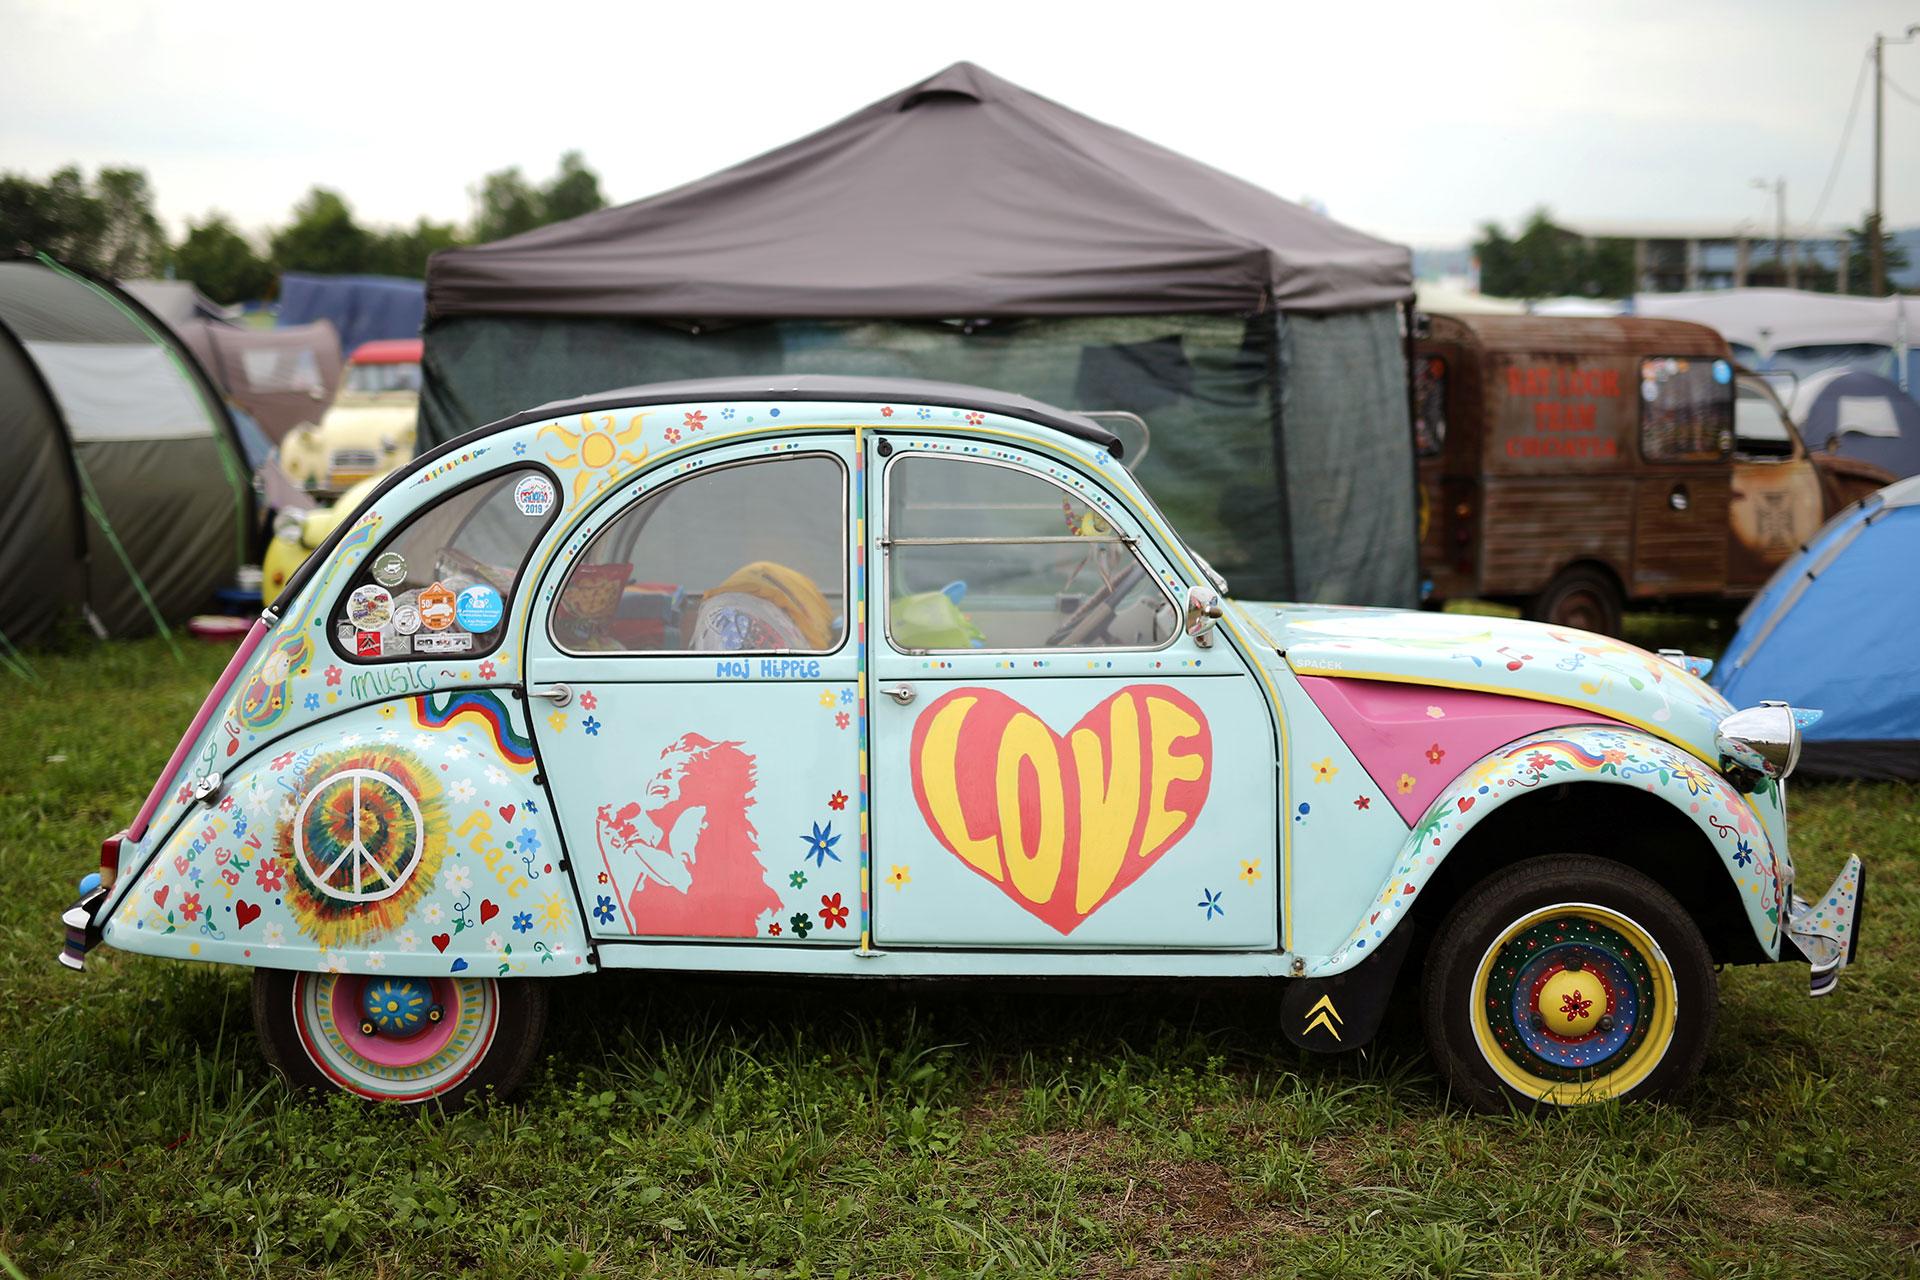 """Su cariñosa imagen se ha divulgado y extendido asociada al mito juvenil, escaso de recursos, que lo convirtió en una visión """"hippie"""" del automóvil. (Reuters)"""